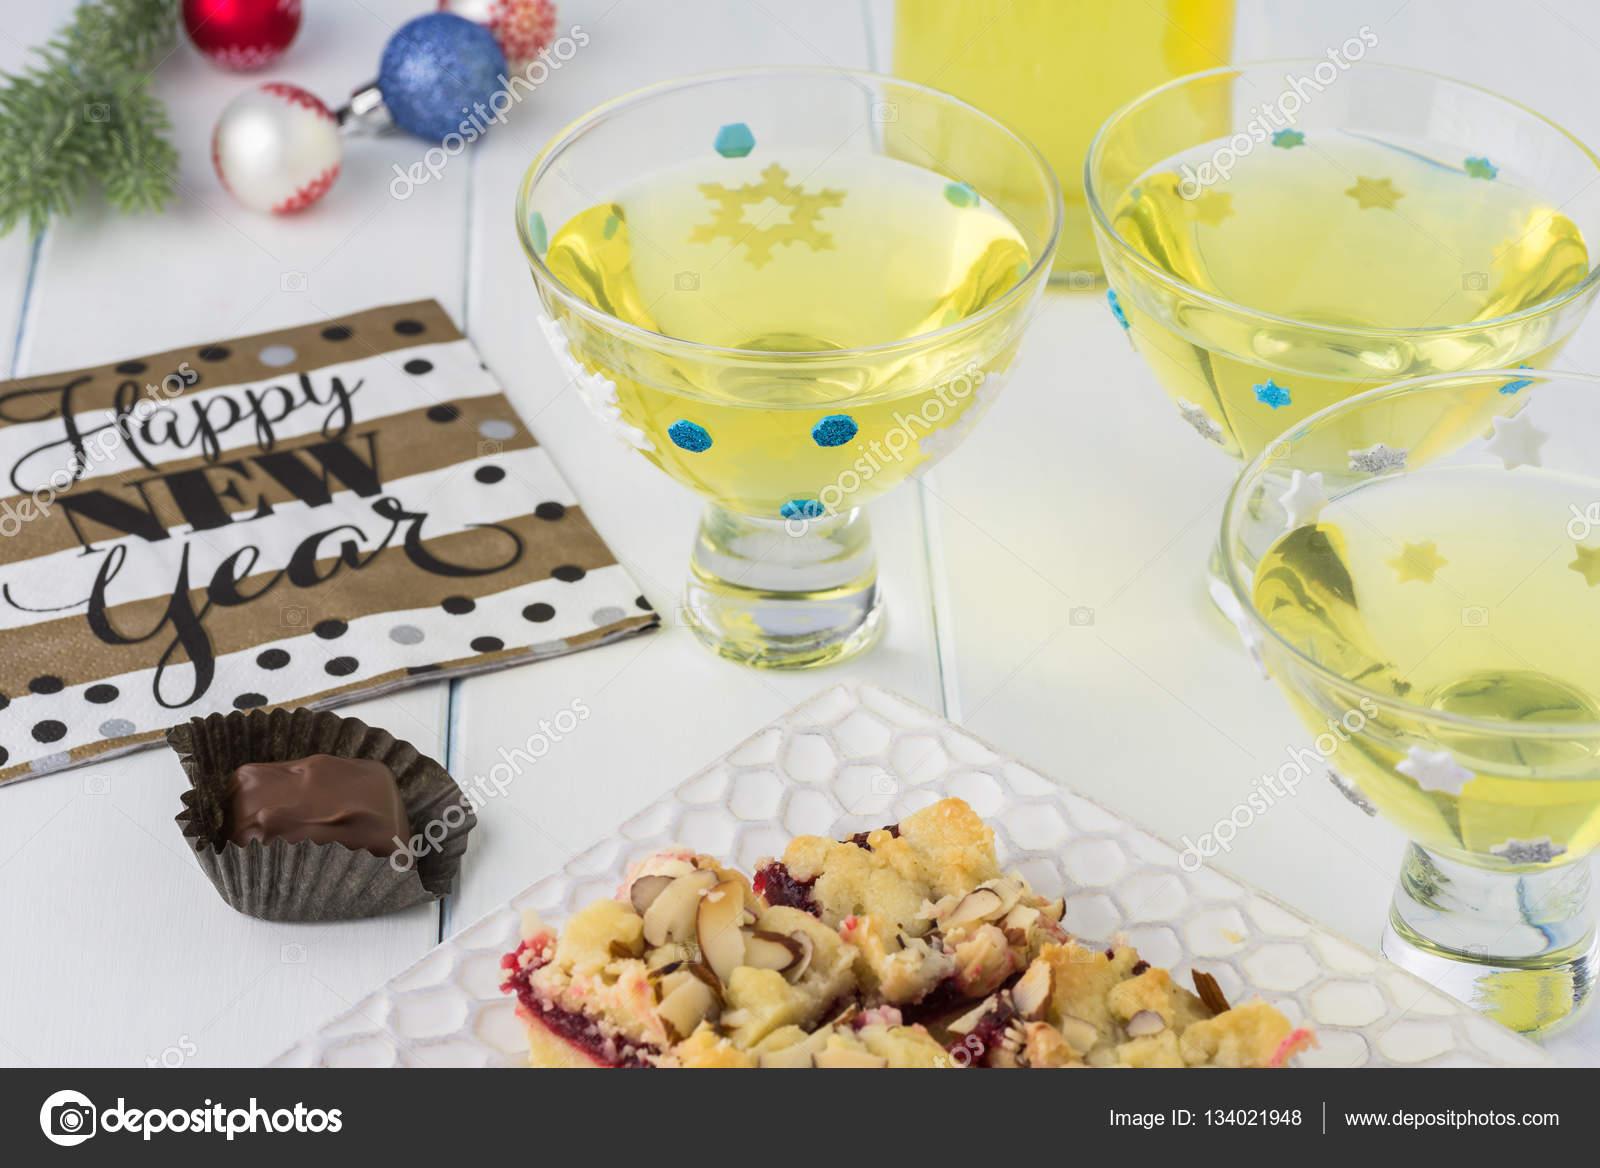 Limoncello de boire l alcool fait maison photo 134021948 for Alcool de verveine maison